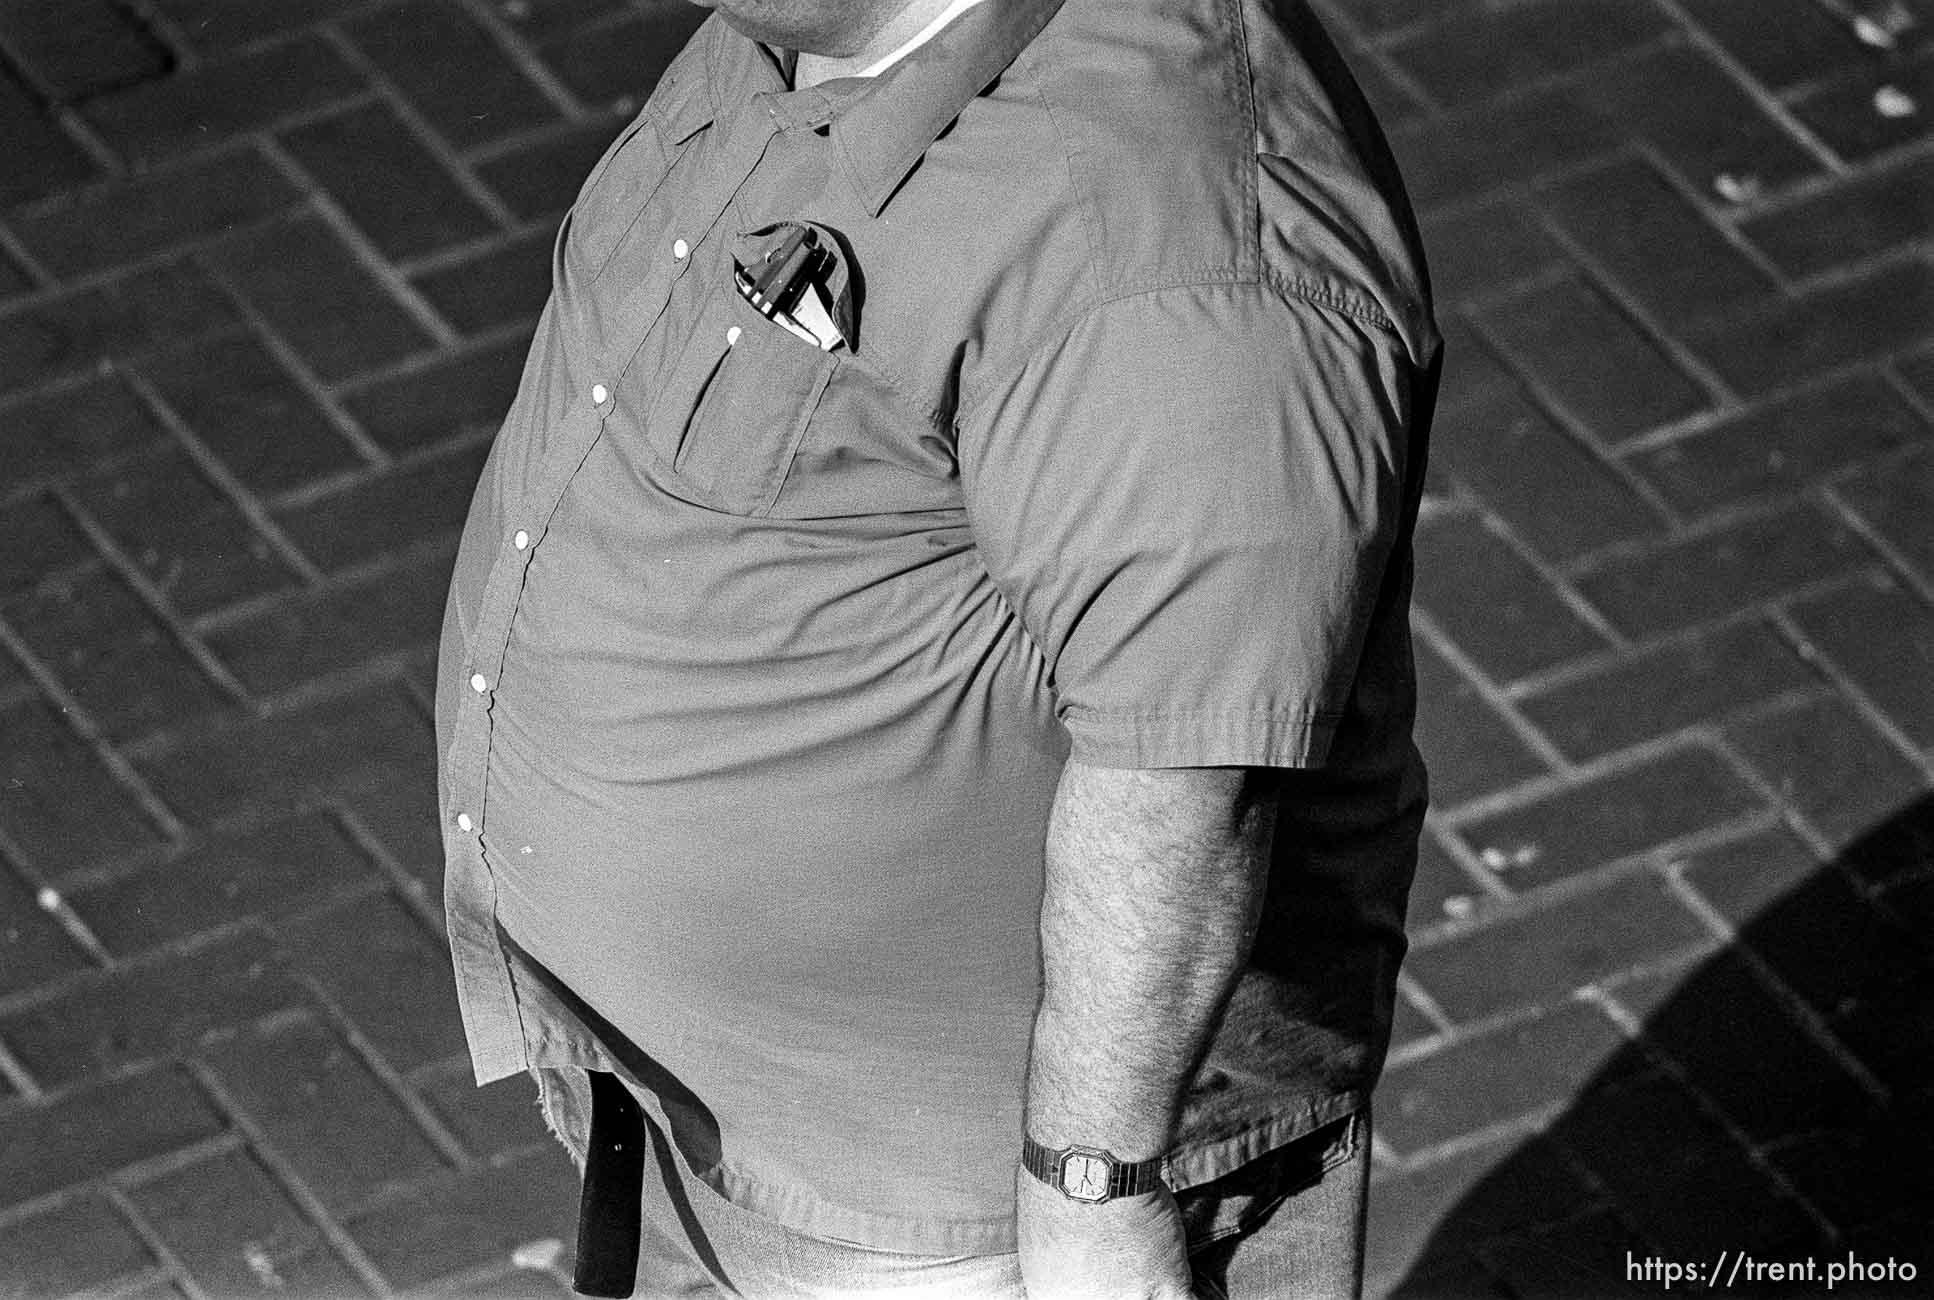 Fat man's midriff